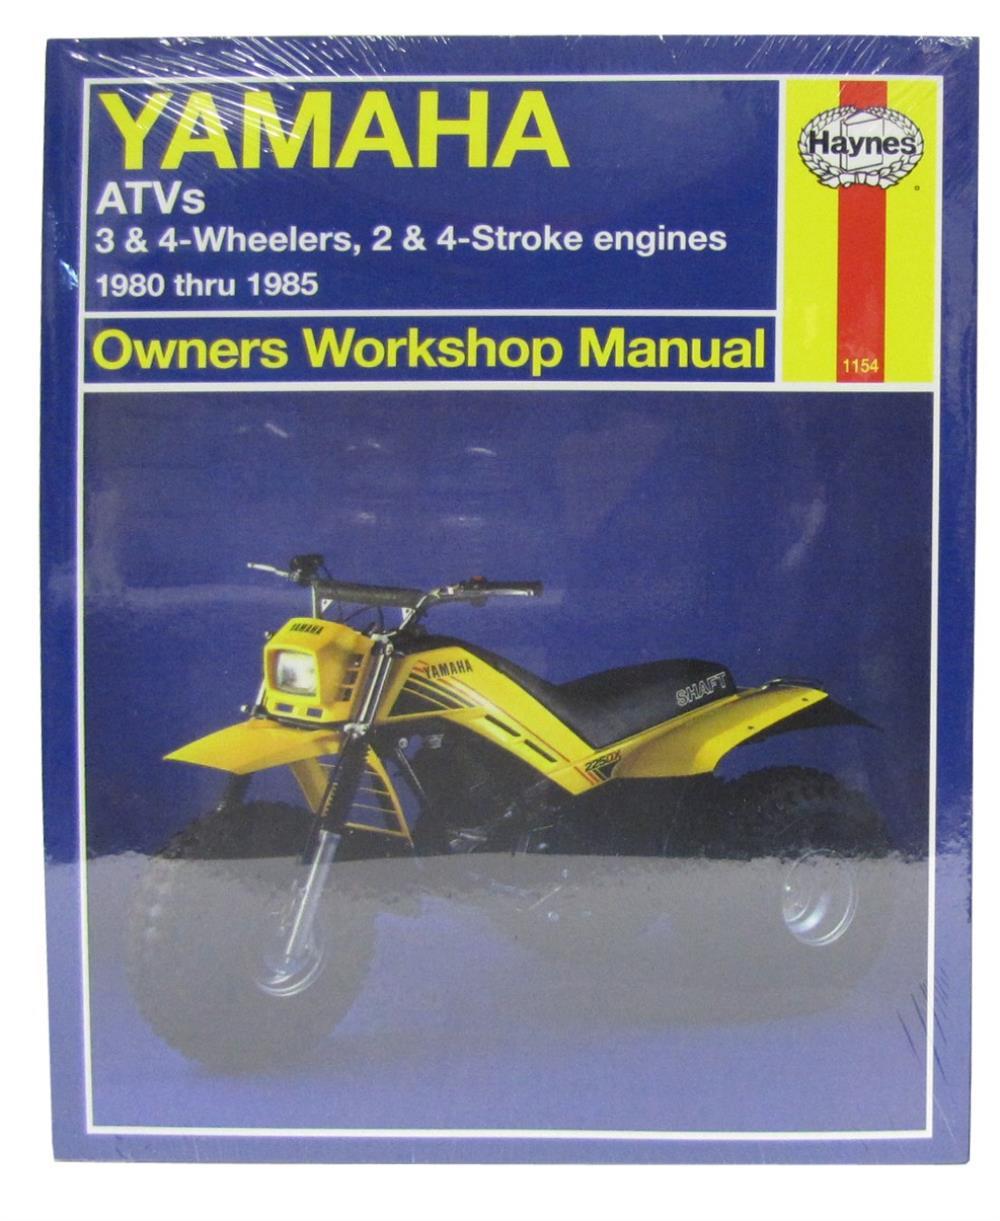 medium resolution of workshop manual yamaha yfm200 yt60 125 175 ytm200 225 ytz250 sincgars radio configurations diagrams yt60 wiring diagram